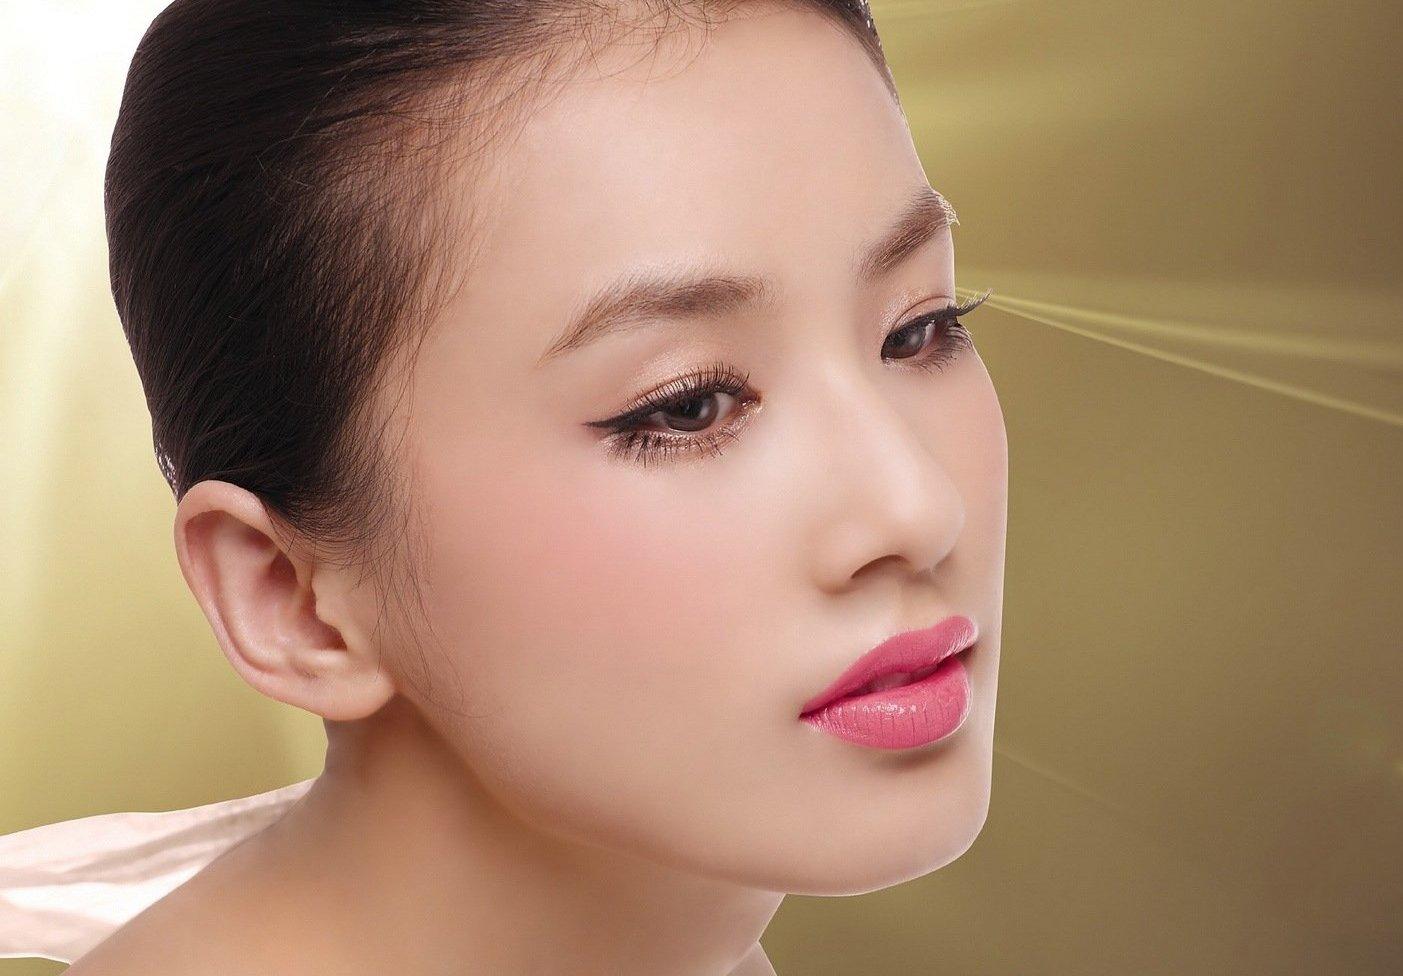 Sở hữu dáng mũi đẹp là mong ước của rất nhiều người